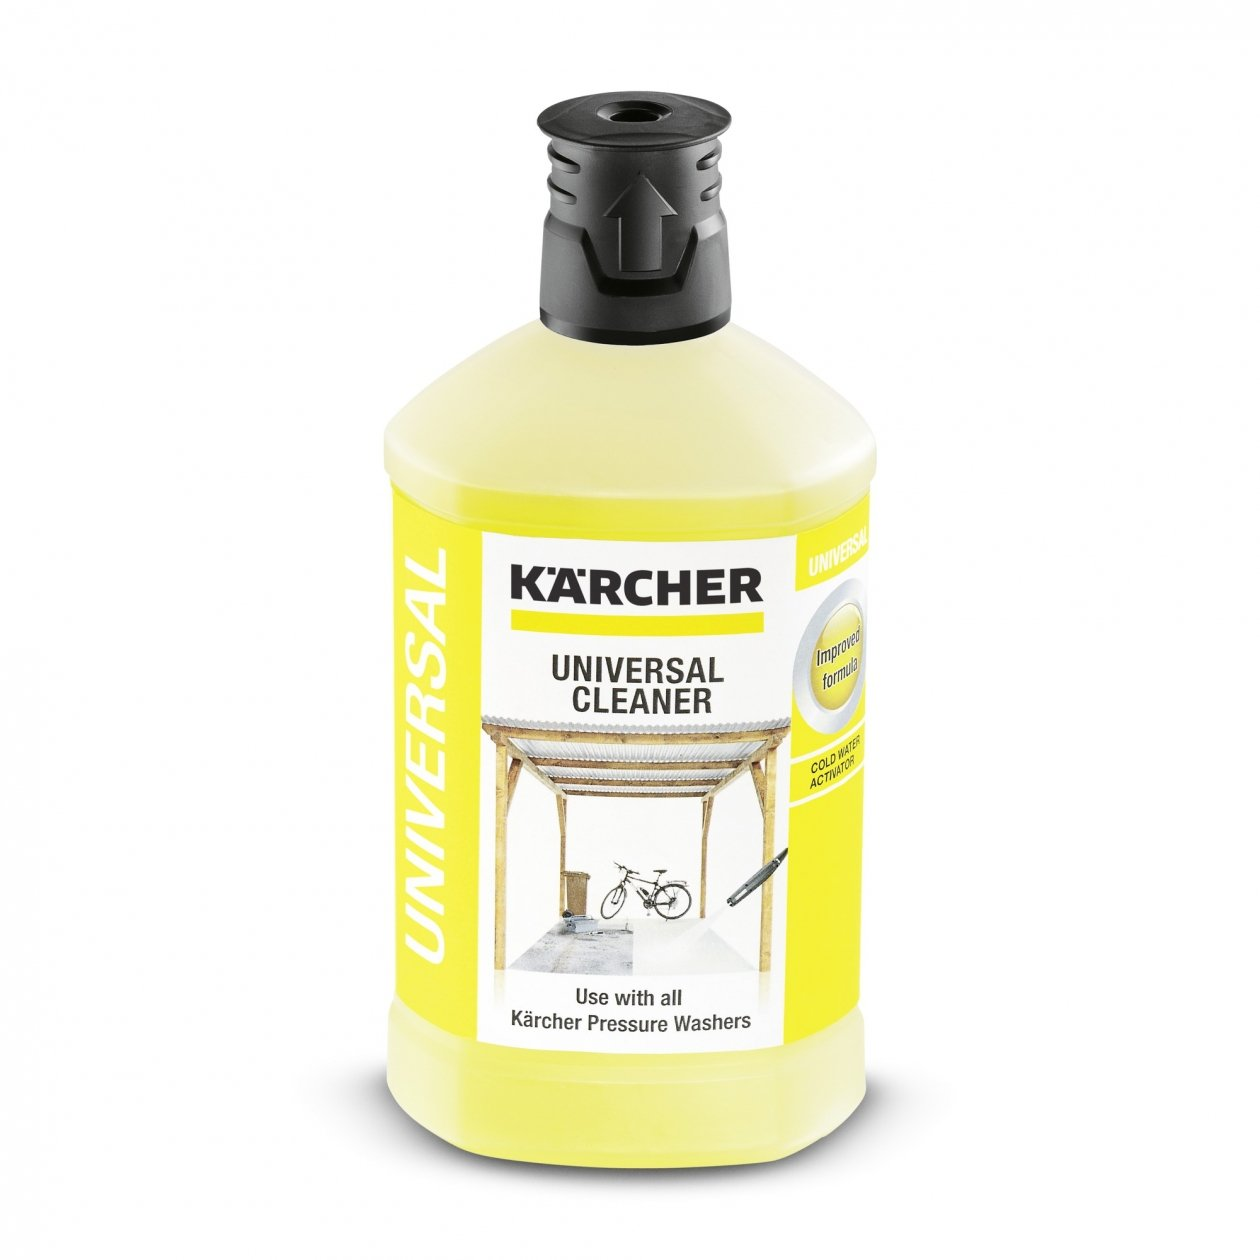 Karcher Univerzálny čistič, 1L 62957530, 1 l